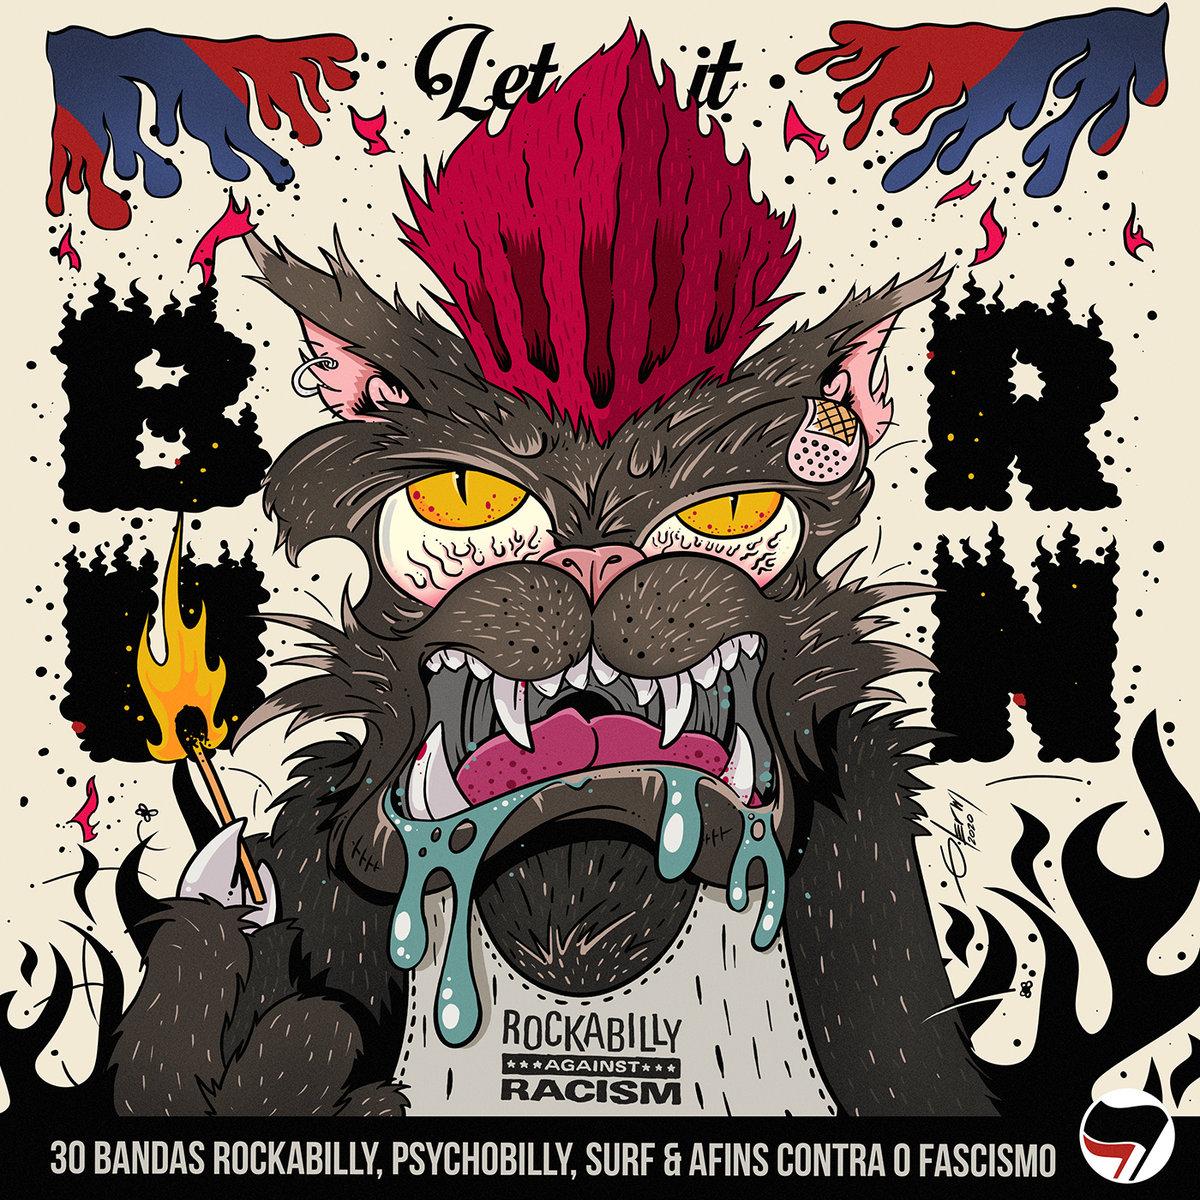 Reverb Brasil - Let it burn - Rockabilly against racism